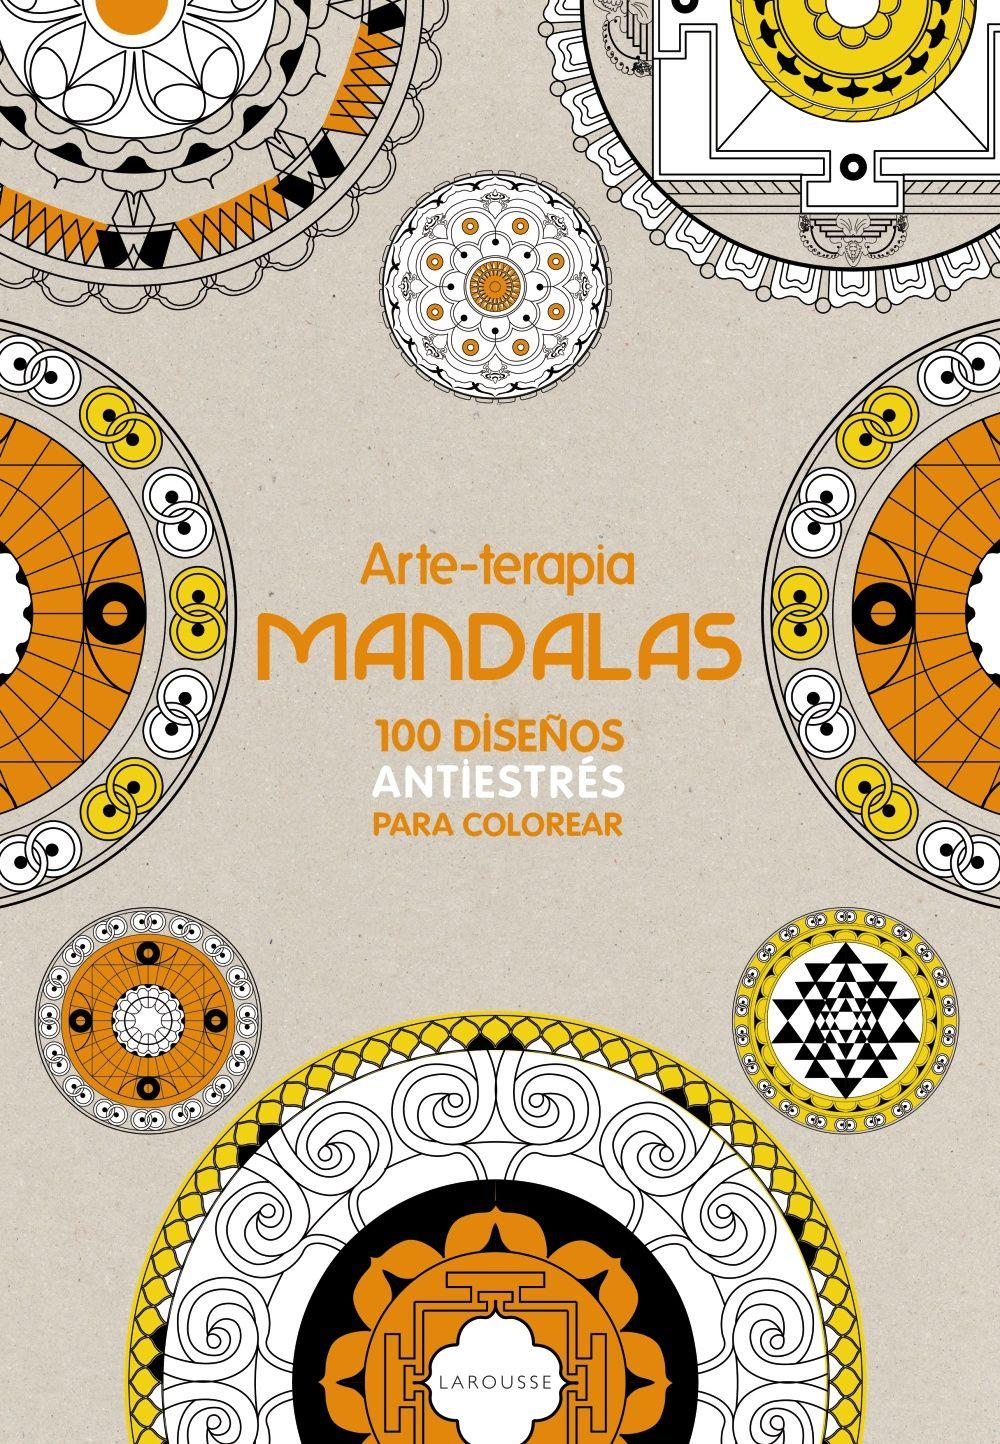 Arte-terapia, mandalas. | 5 Mandalas, Arte-terapia, Color-terapia ...